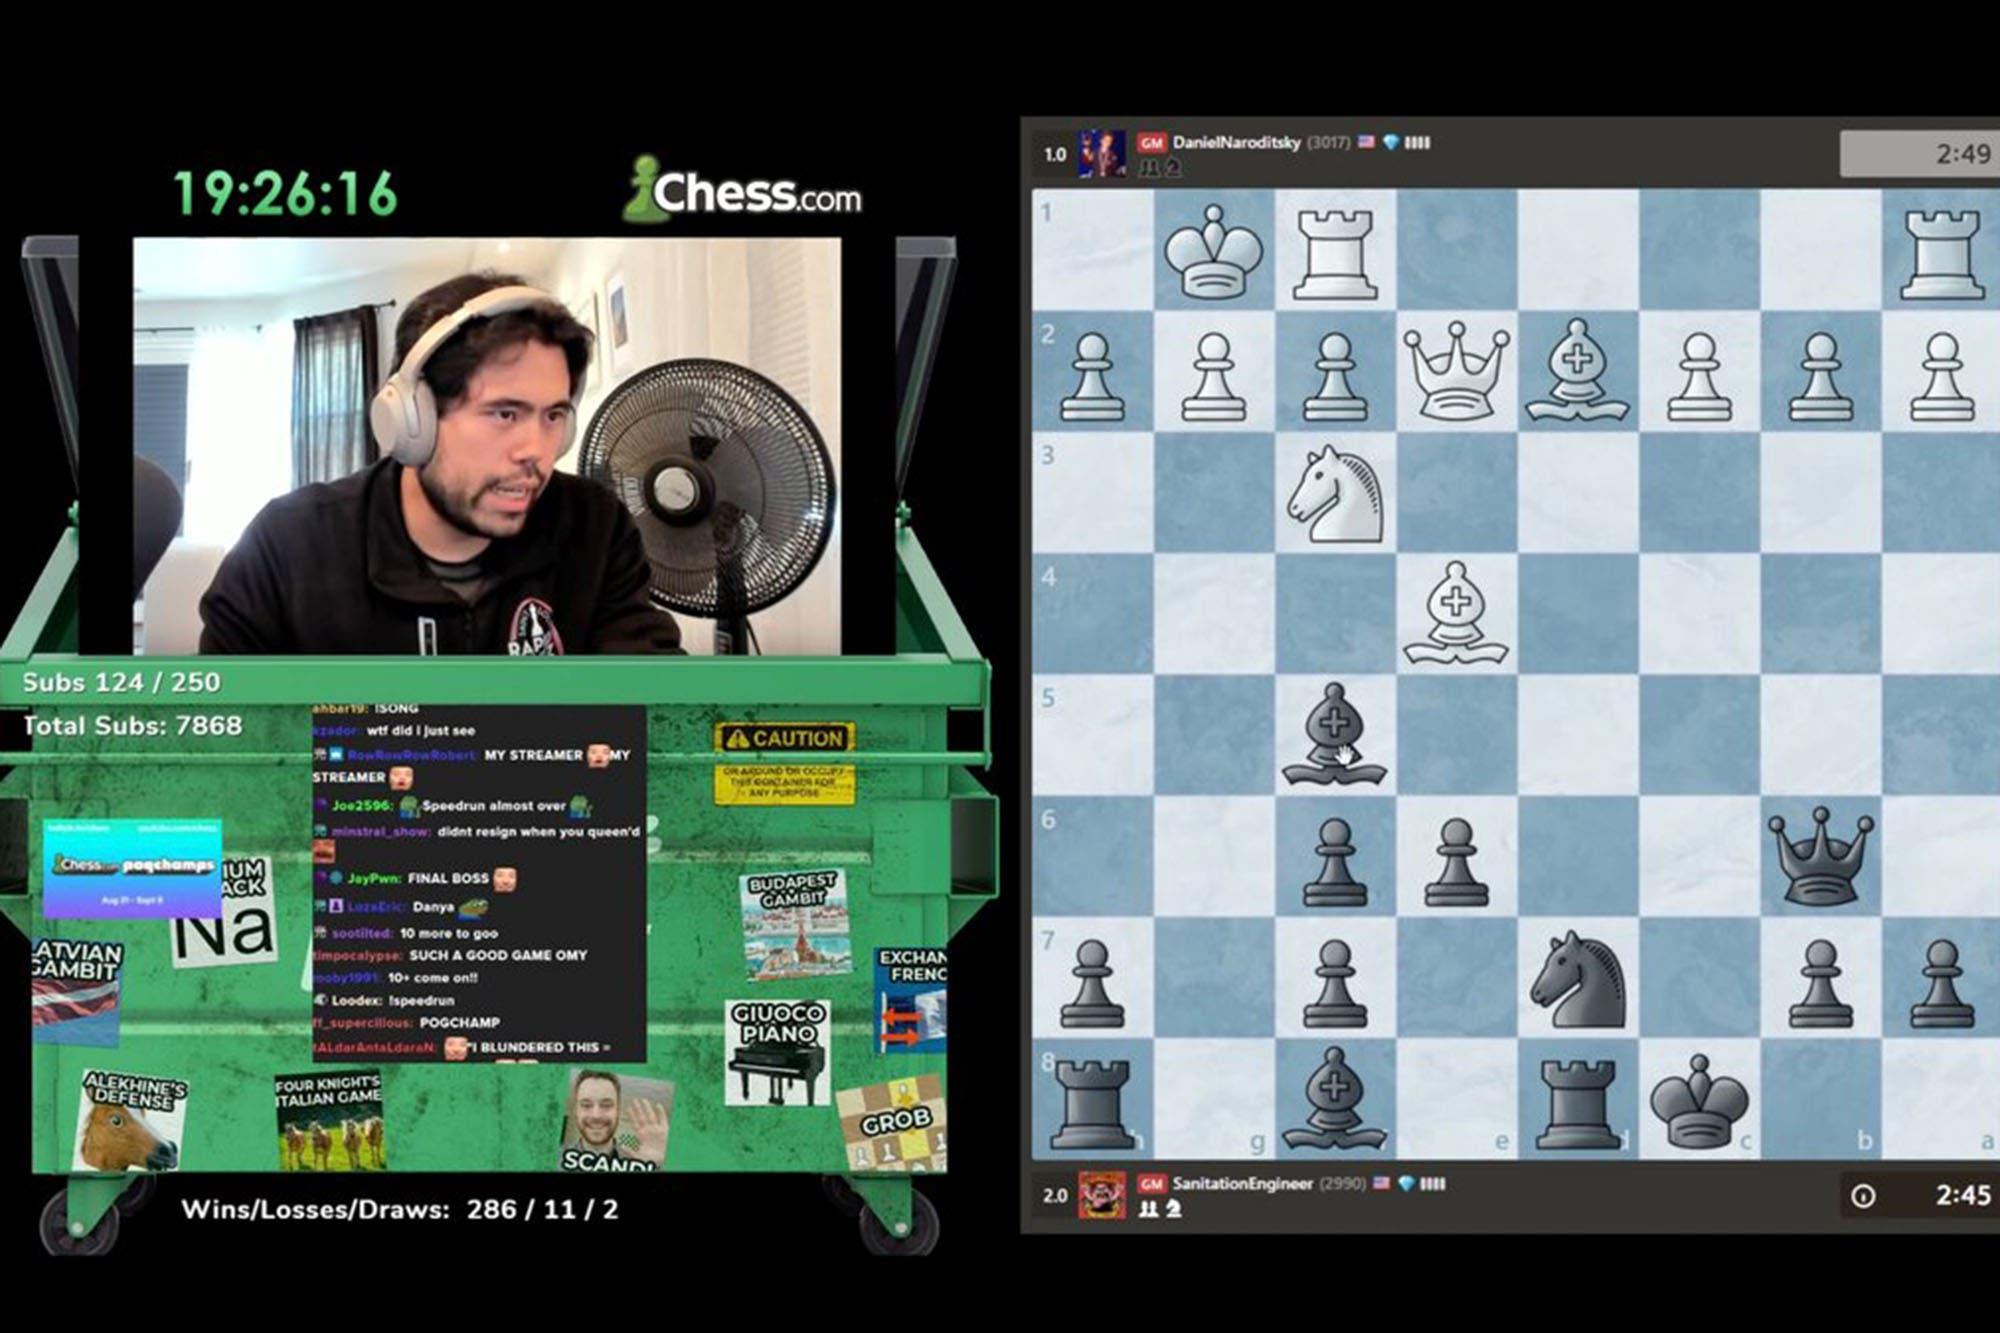 La nueva fascinación por el ajedrez en vivo (sí, el ajedrez)